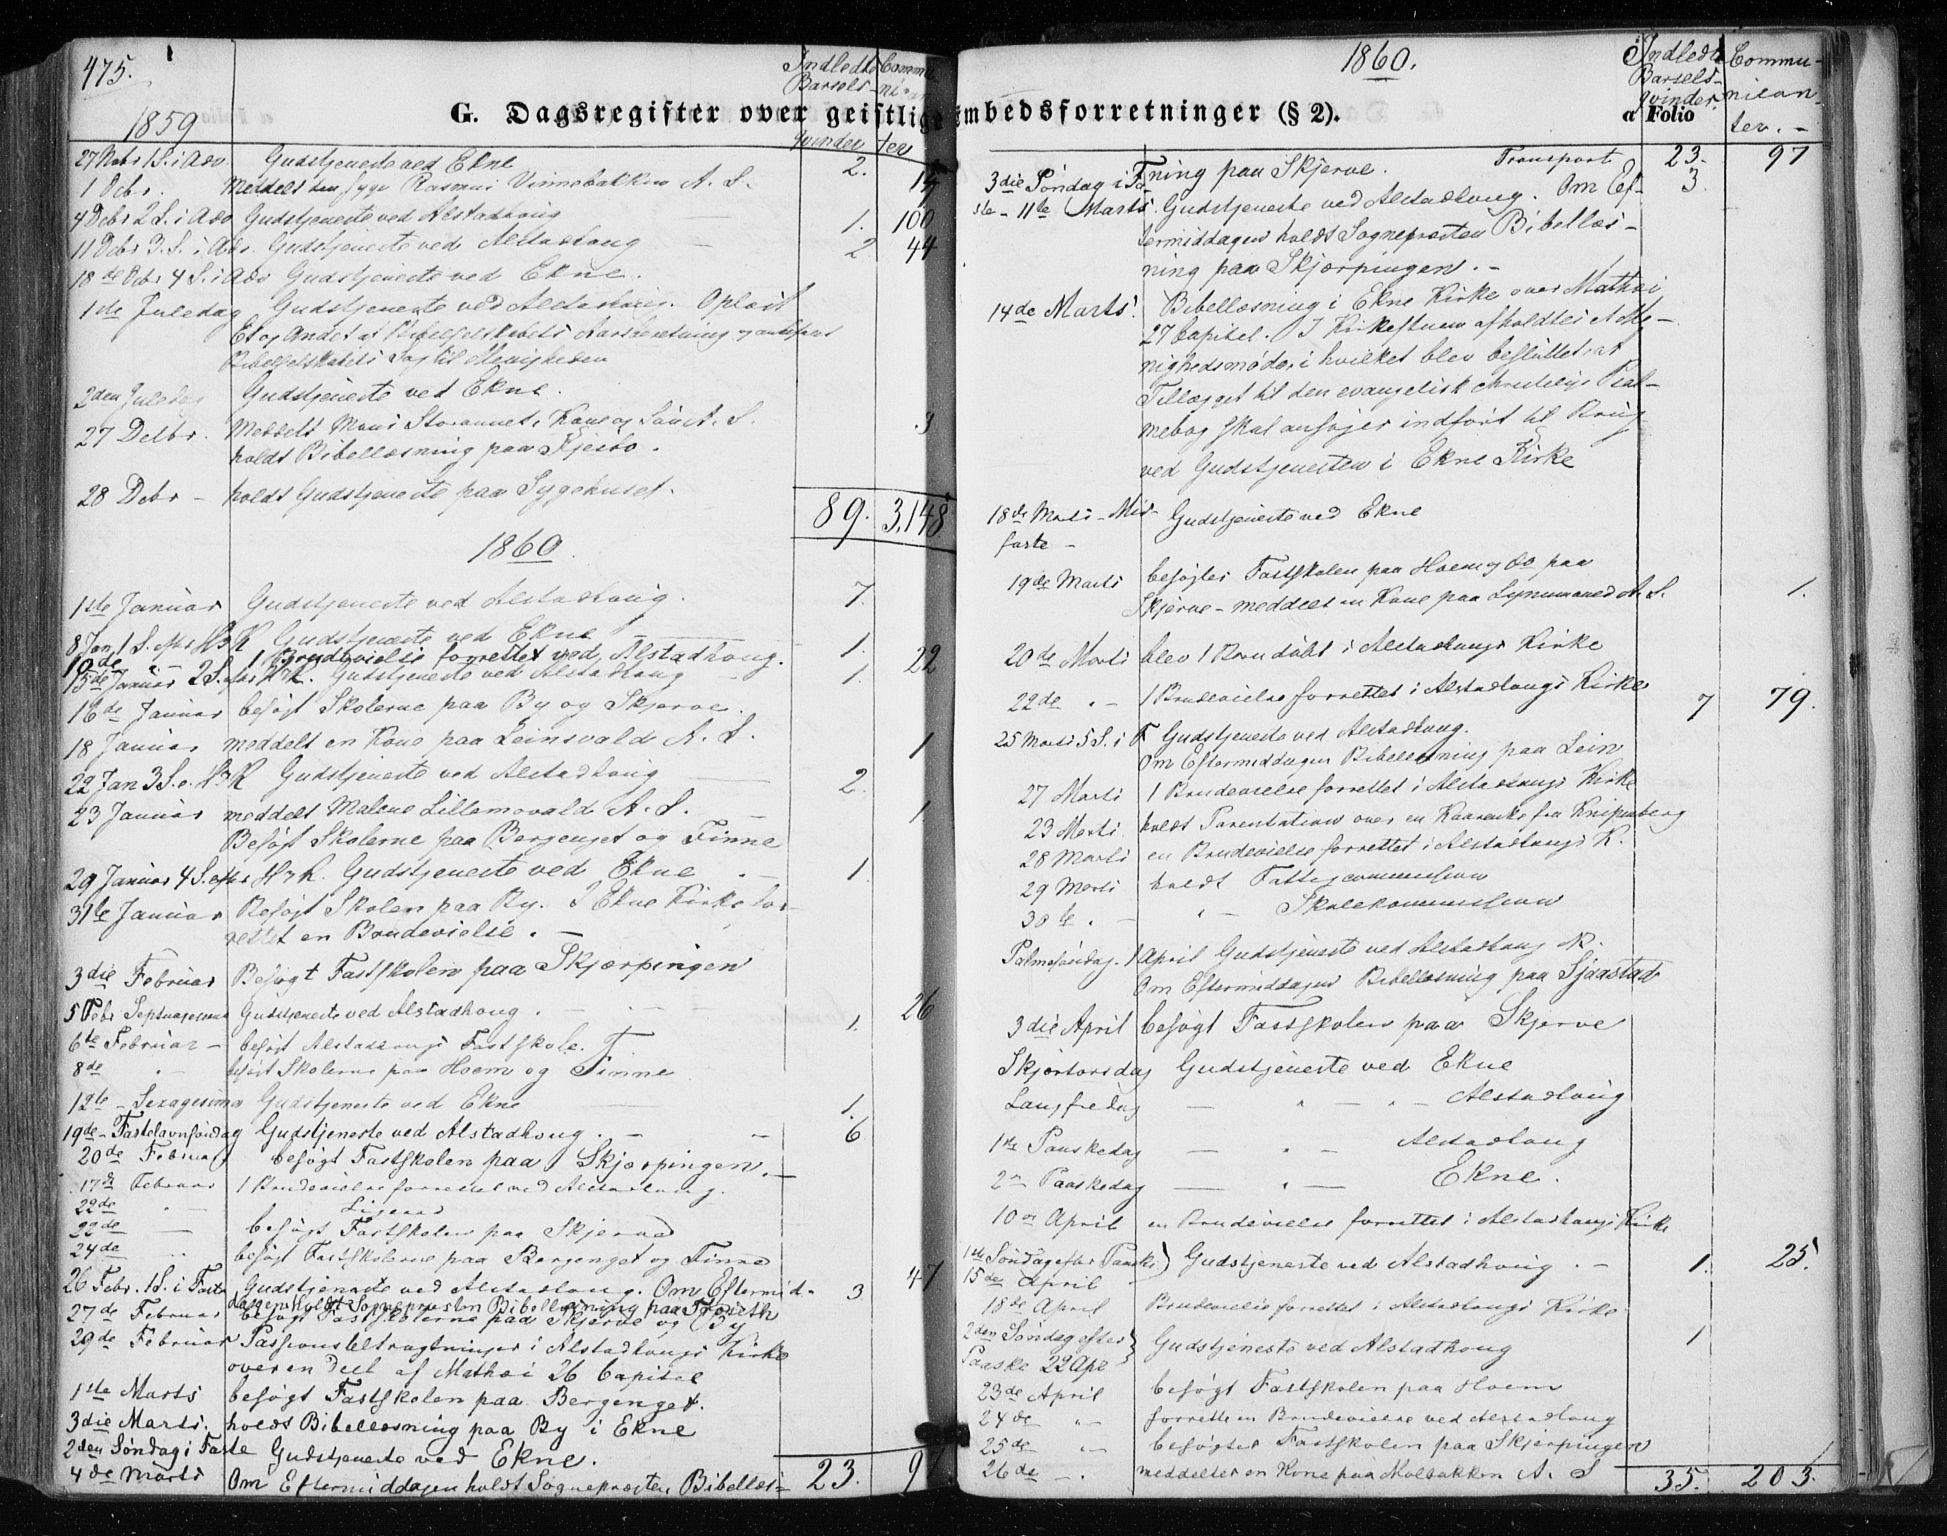 SAT, Ministerialprotokoller, klokkerbøker og fødselsregistre - Nord-Trøndelag, 717/L0154: Ministerialbok nr. 717A07 /1, 1850-1862, s. 475